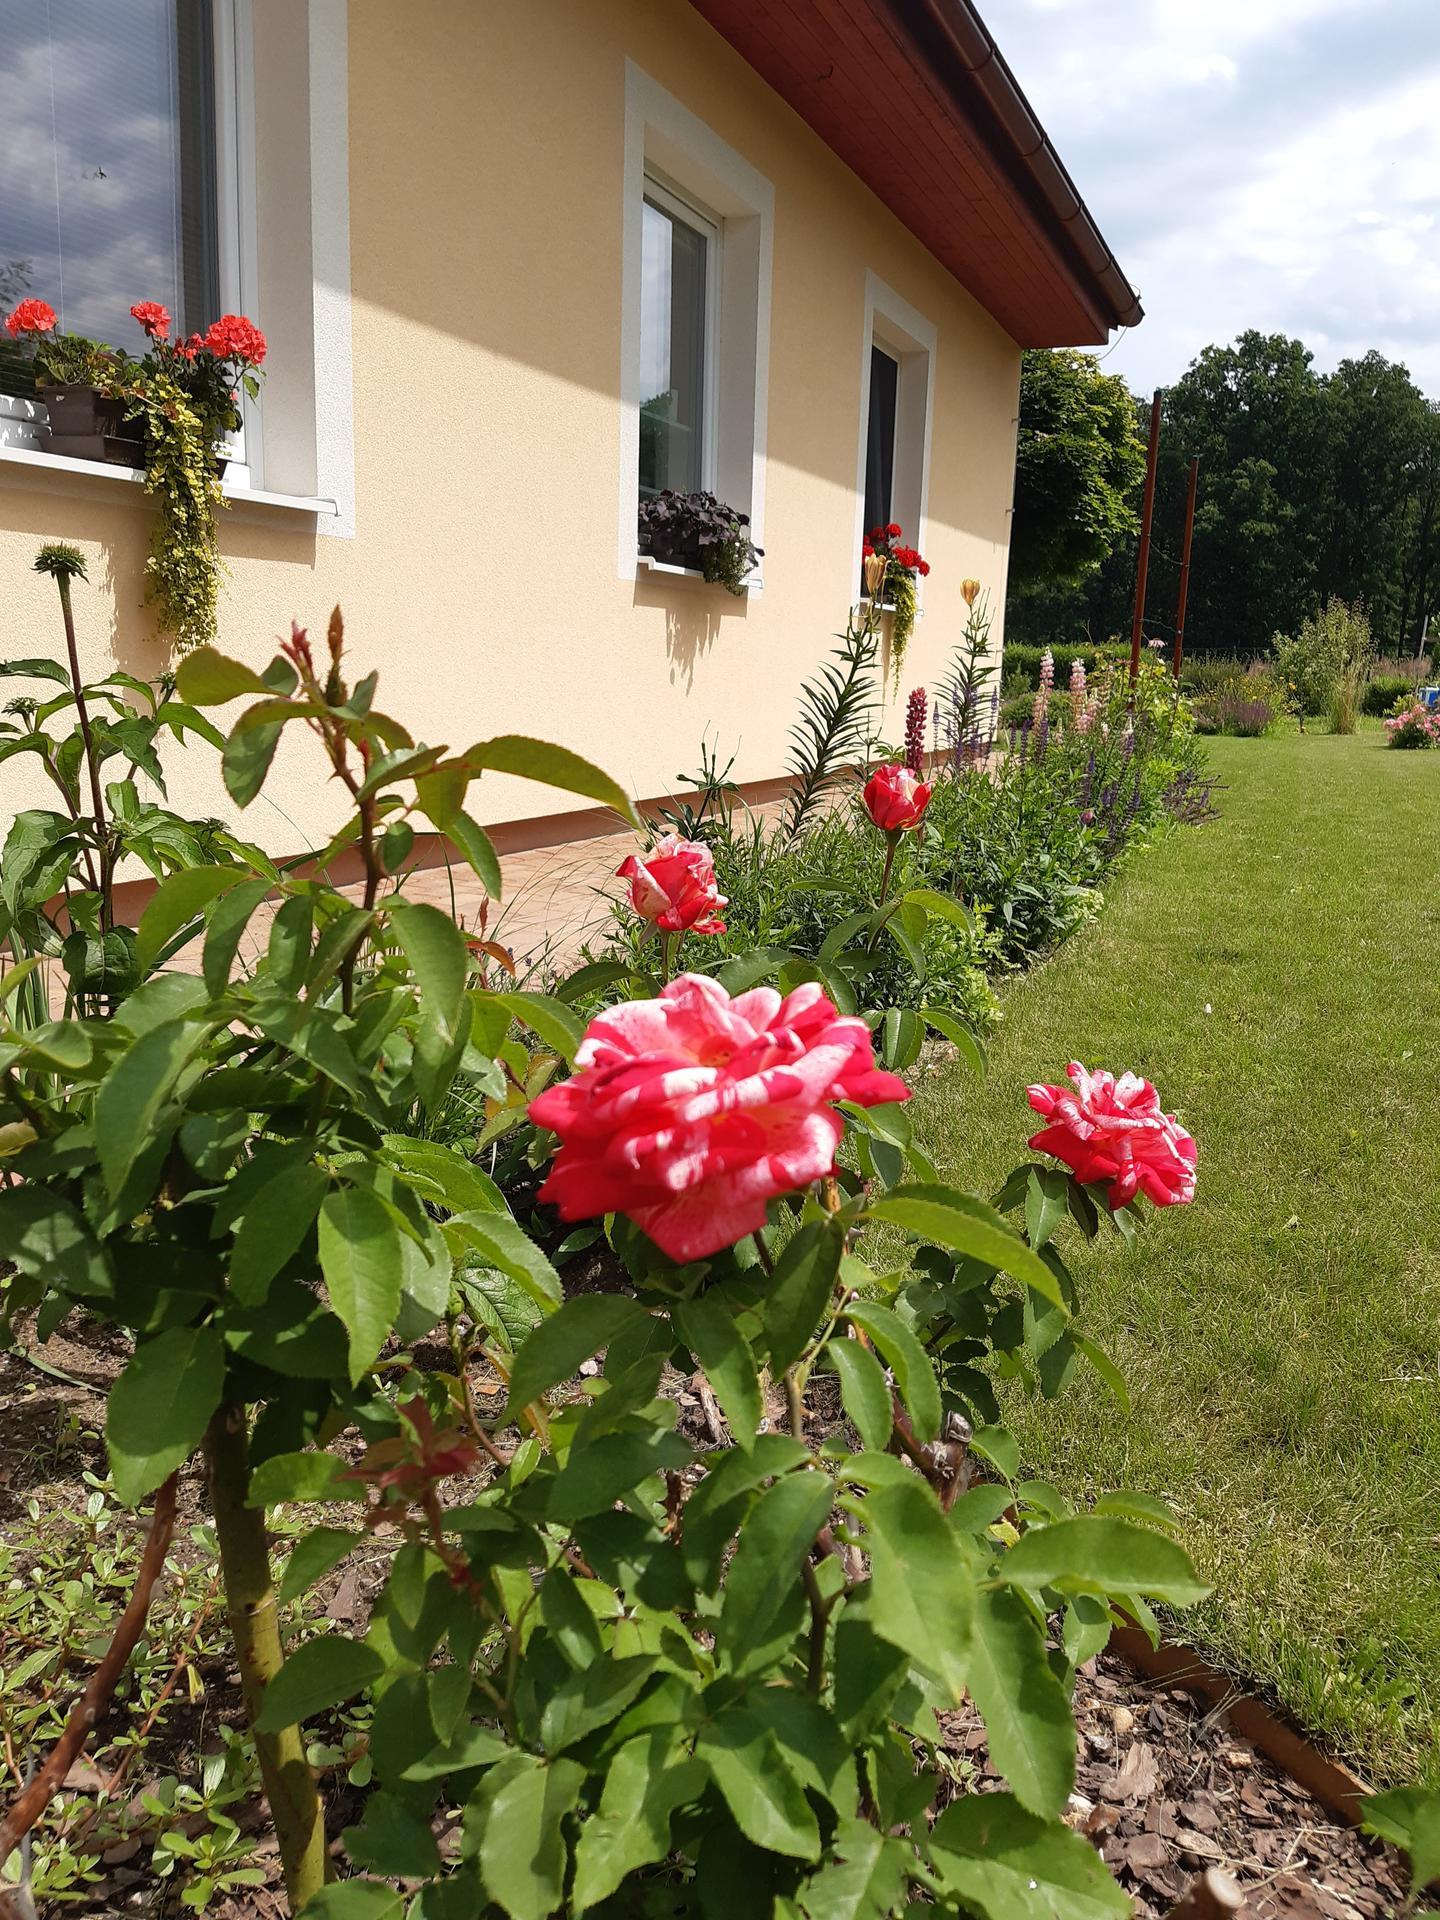 Zahrada 2021 - letos v dubnu založený záhonek před oknem